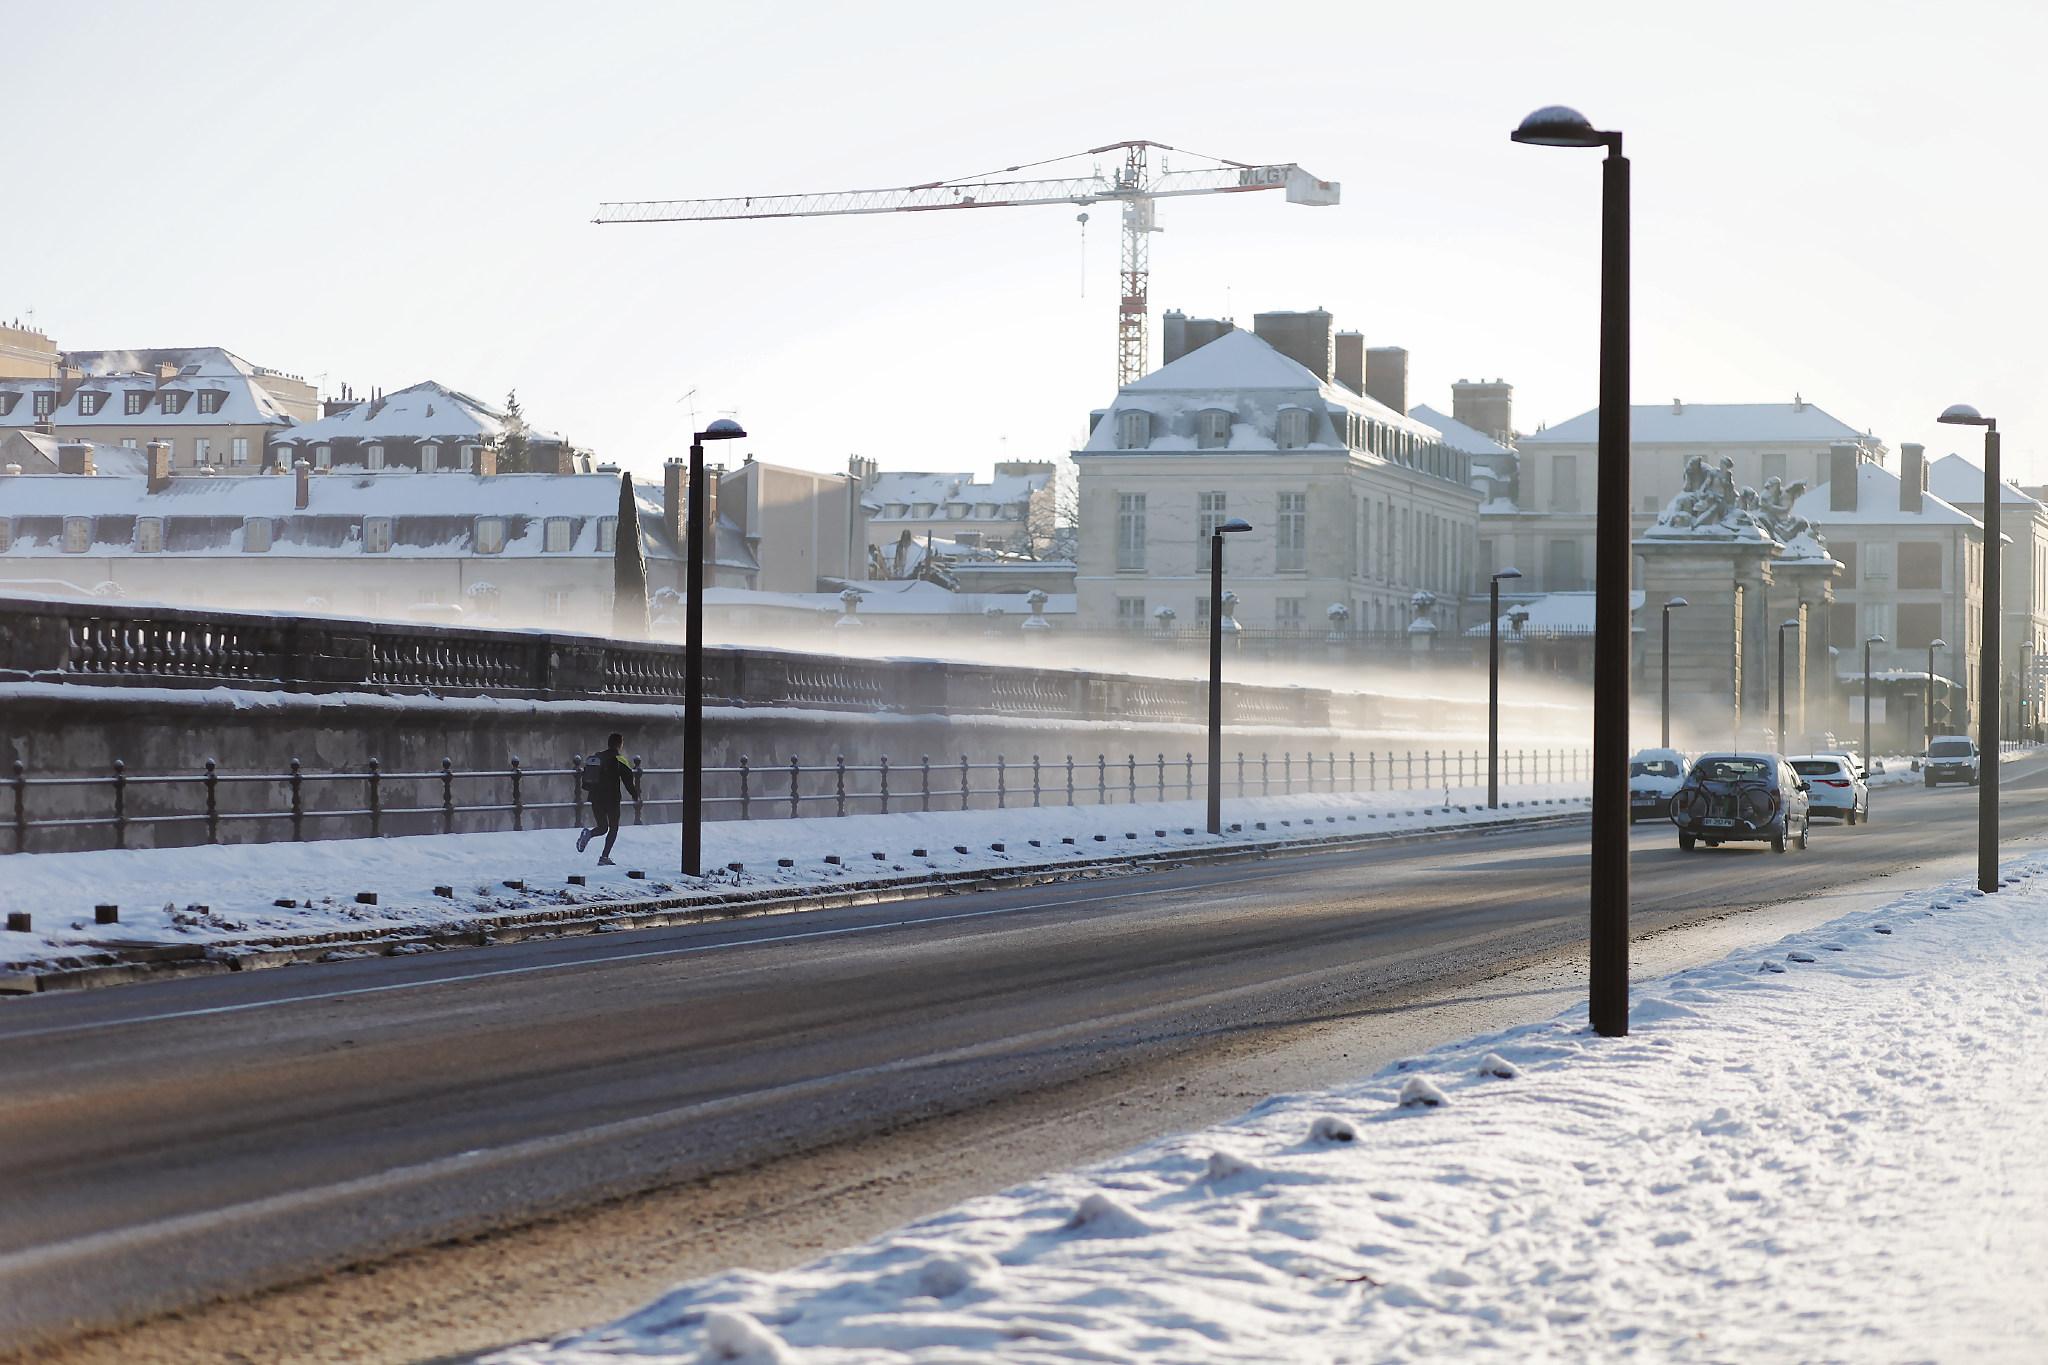 VERSAILLES SNOW LES INDISPENSABLES PARIS (21).jpg